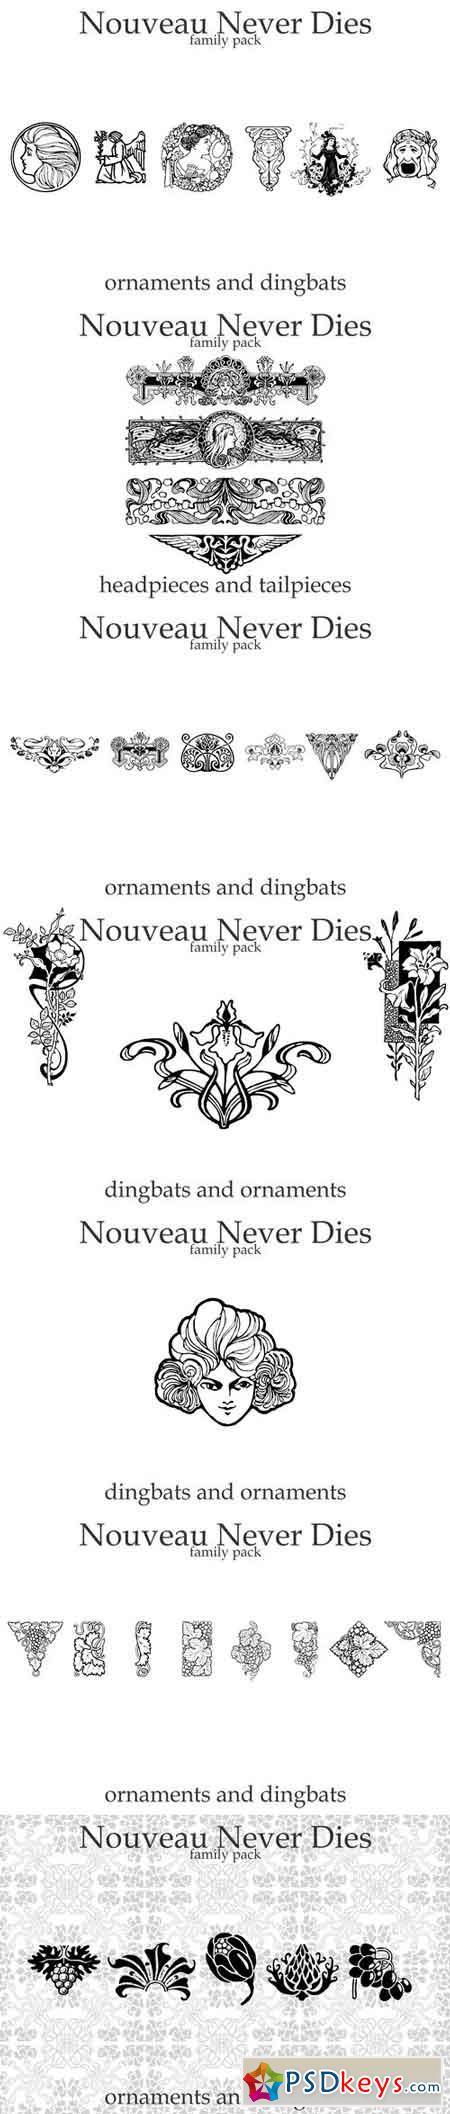 Nouveau Never Dies Family 34563